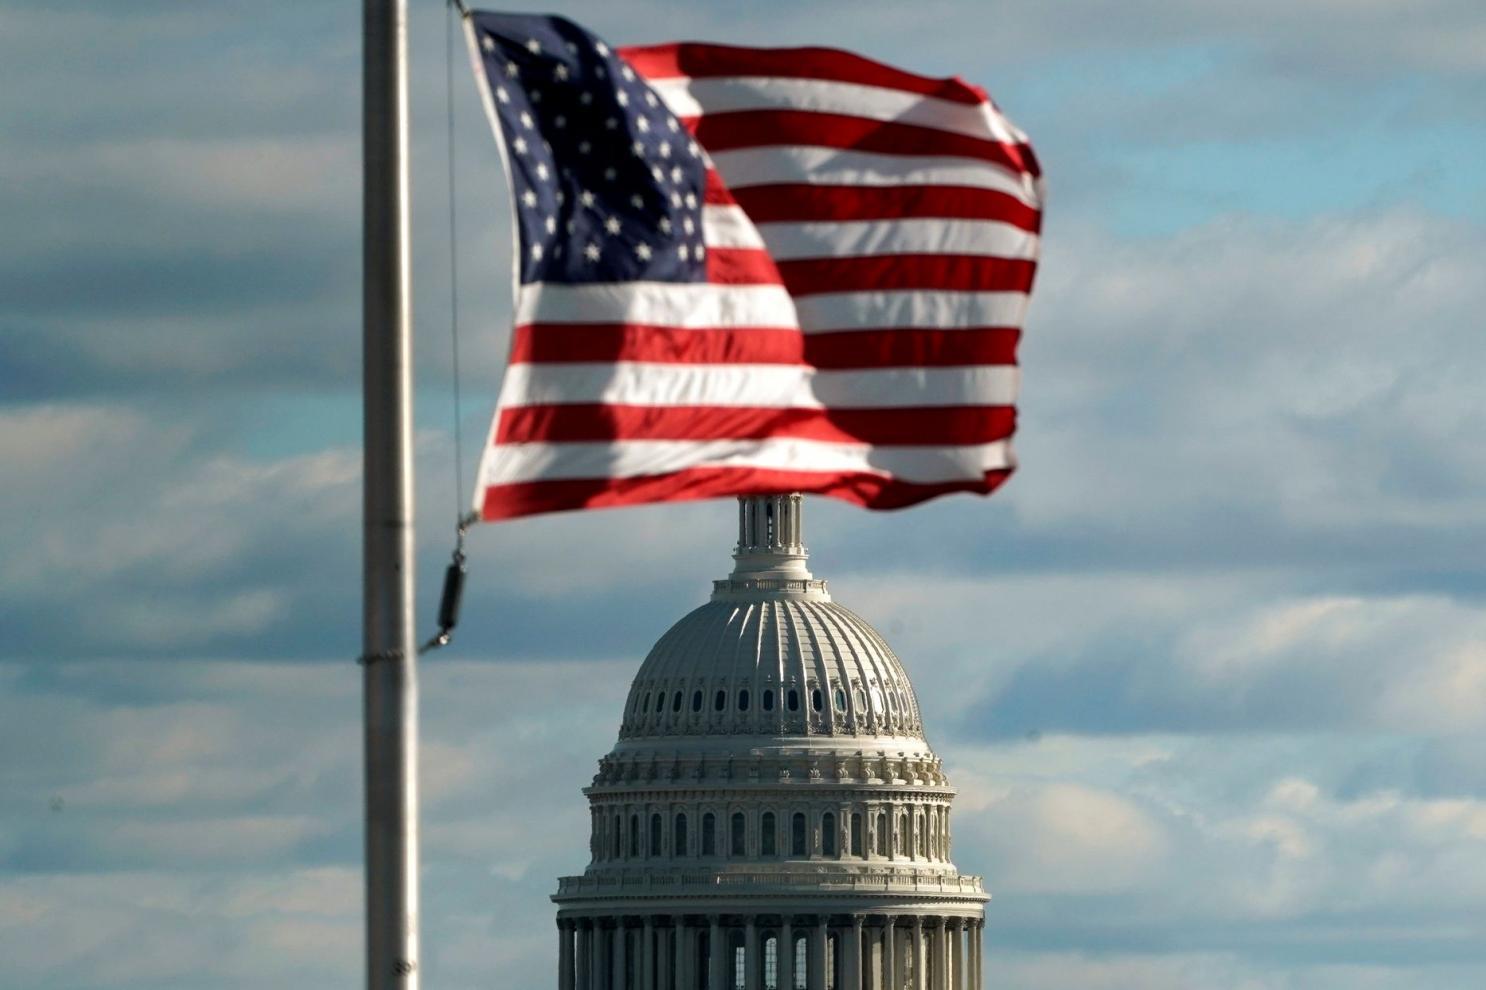 Взгляд из Америки. National Interest: 'Америка больше не может контролировать мир, Вашингтон обанкротился' (walrom)